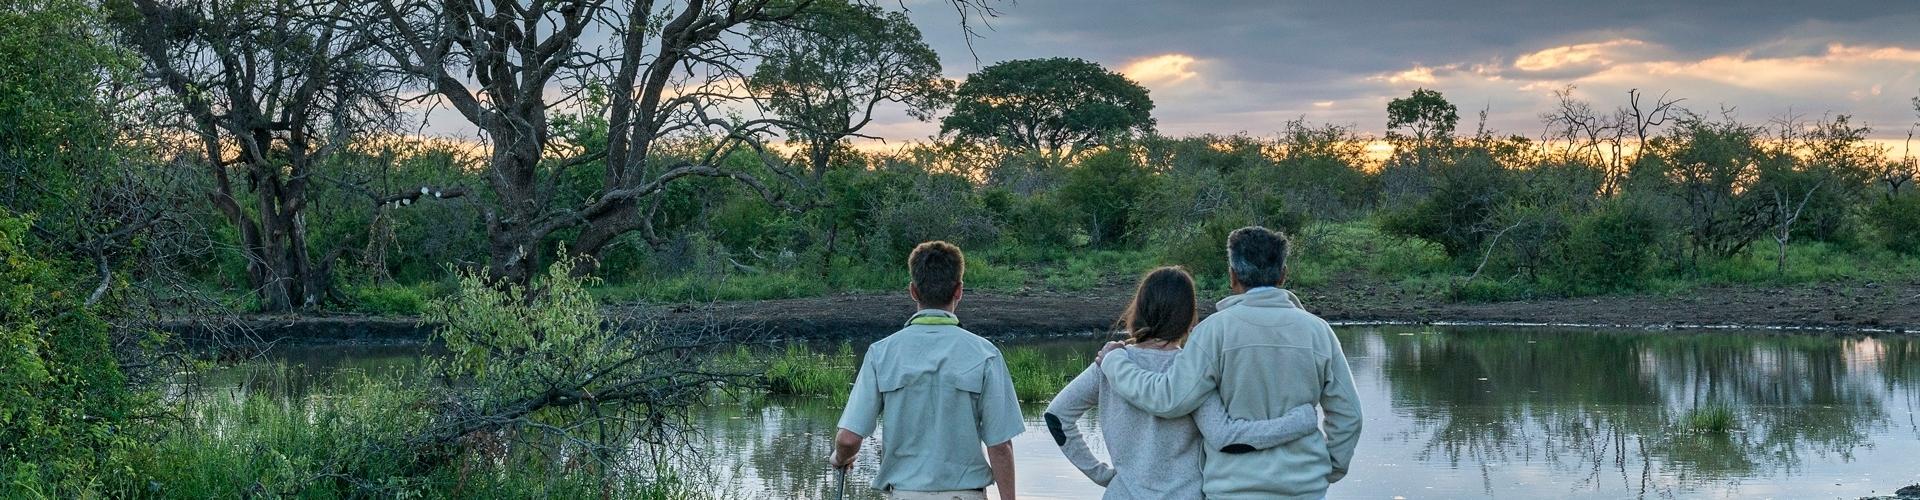 header-madikwe-private-game-reserve-safari-zuid-afrika